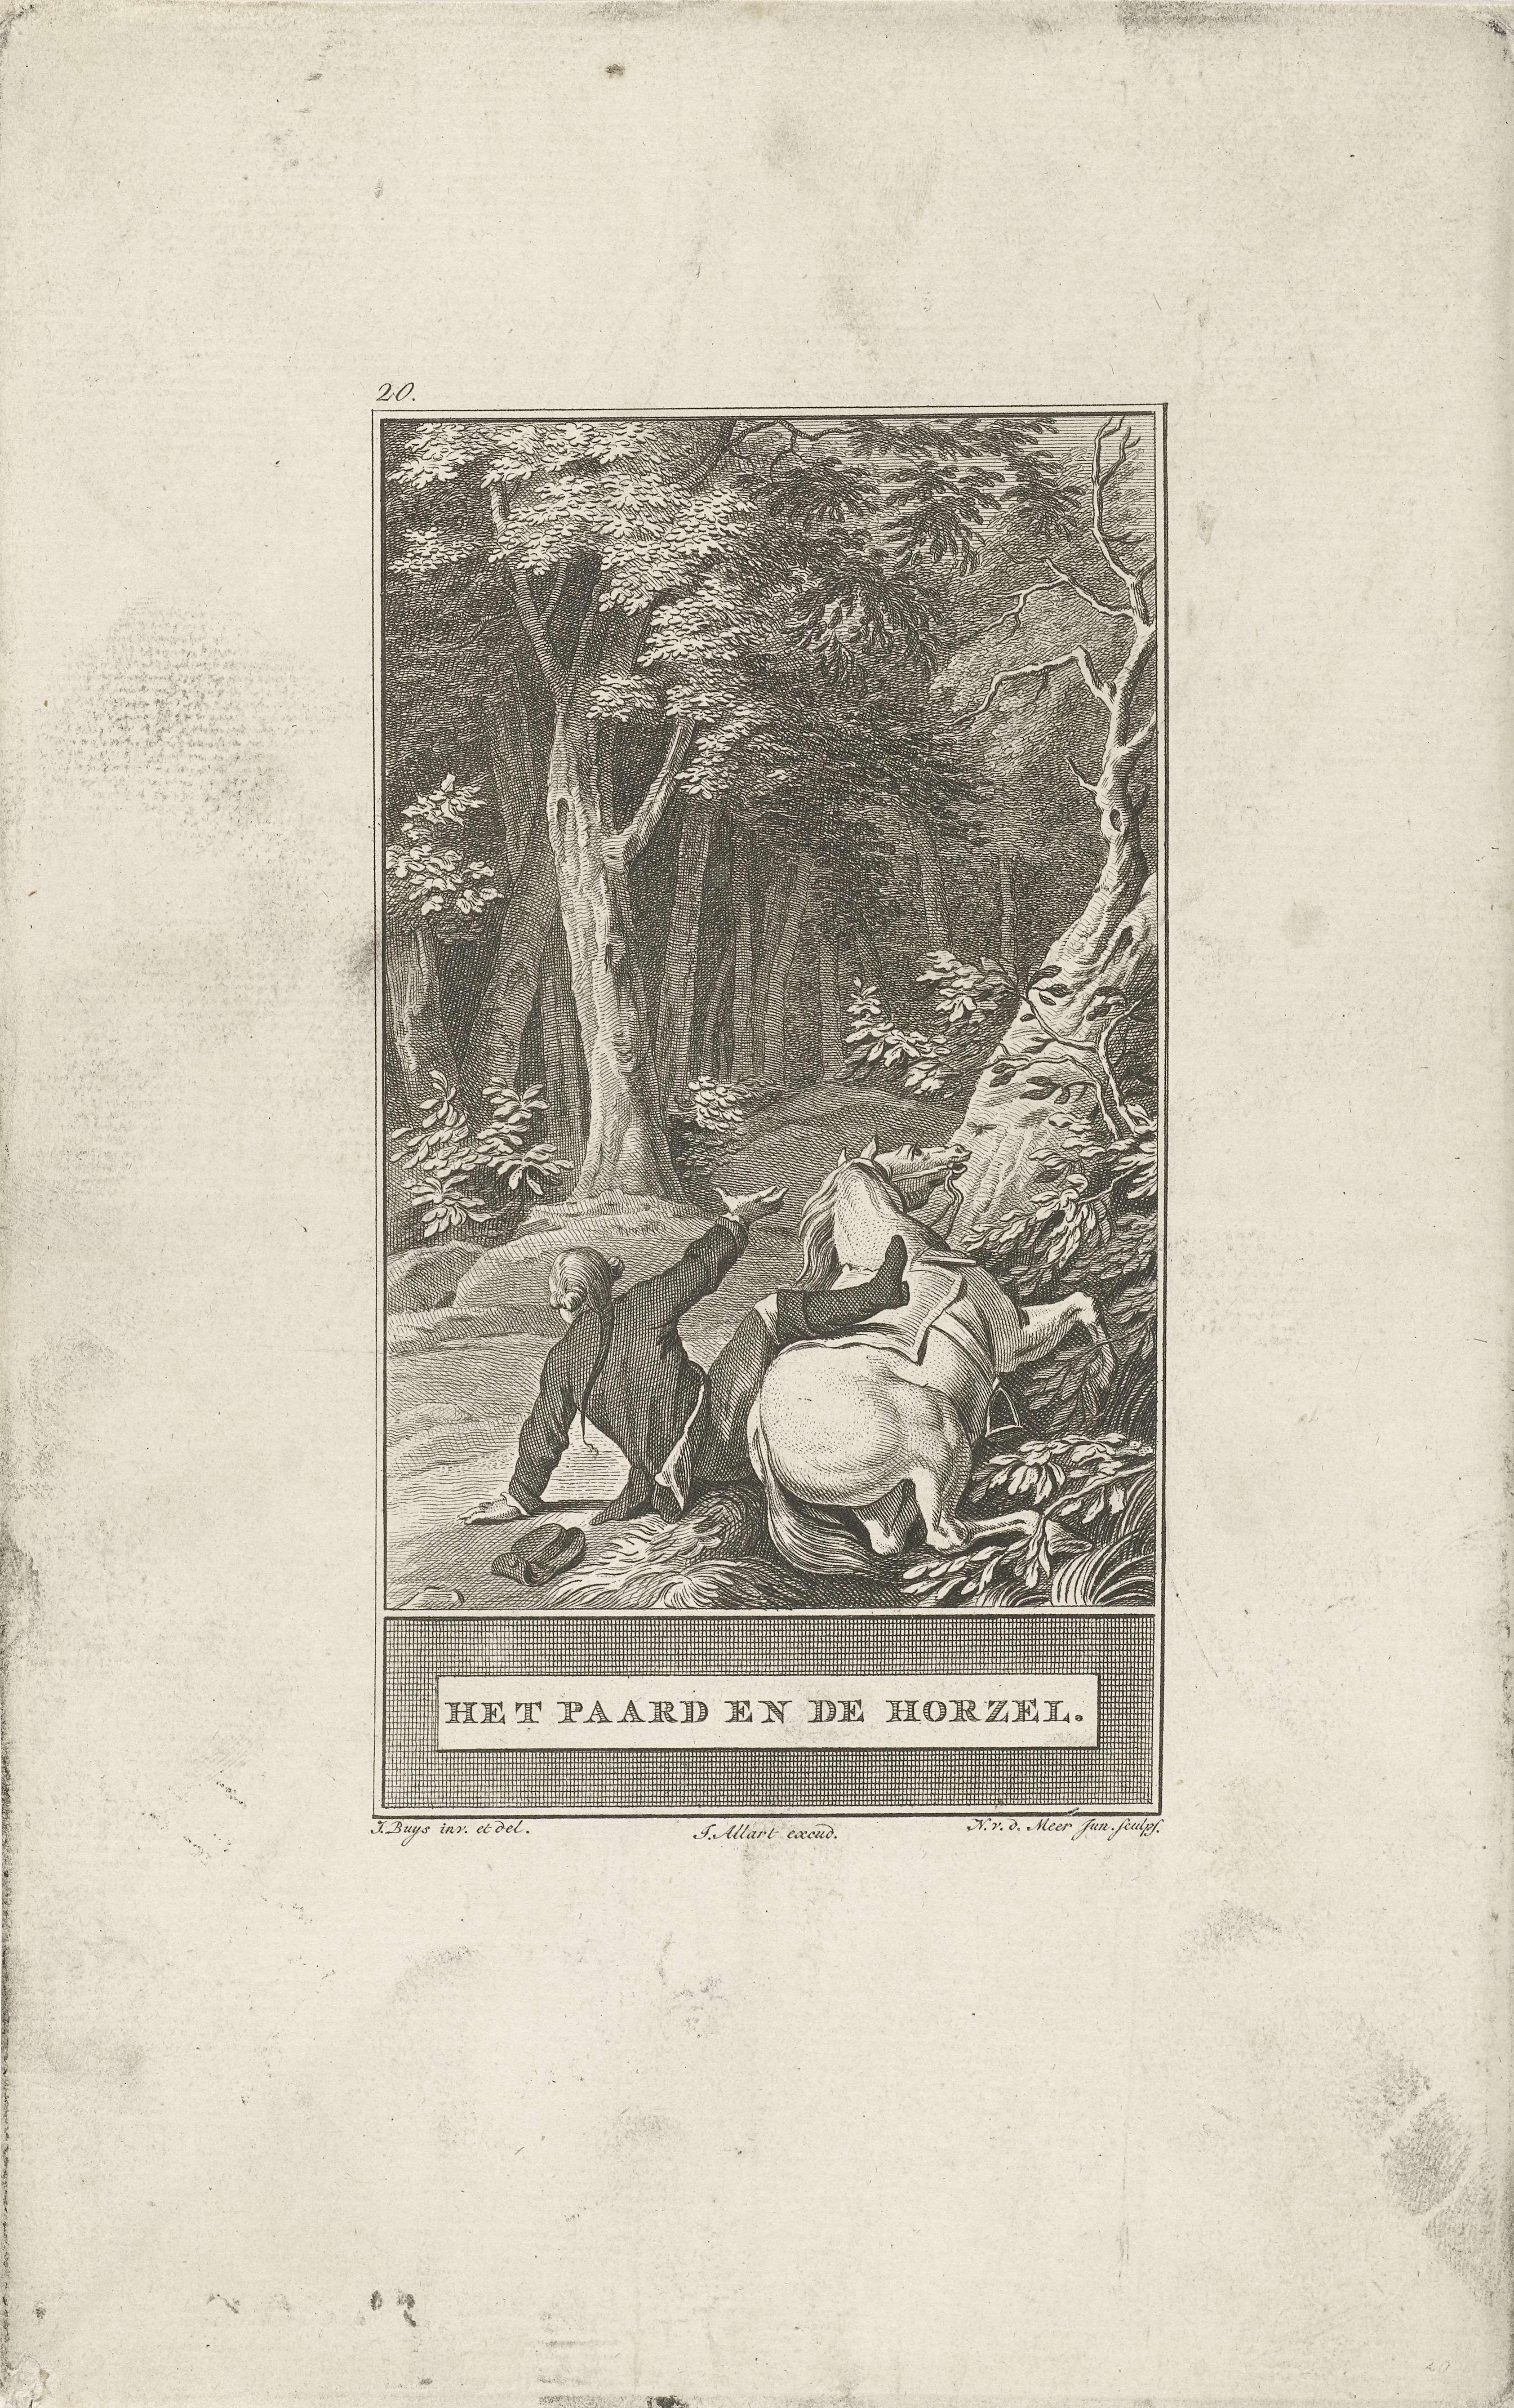 Noach van der Meer (II) | Paard en horzel, Noach van der Meer (II), Johannes Allart, 1777 | Een paard zakt door zijn hoeven en werpt zijn berijder af, nadat hij door een horzel in de neus is gestoken.